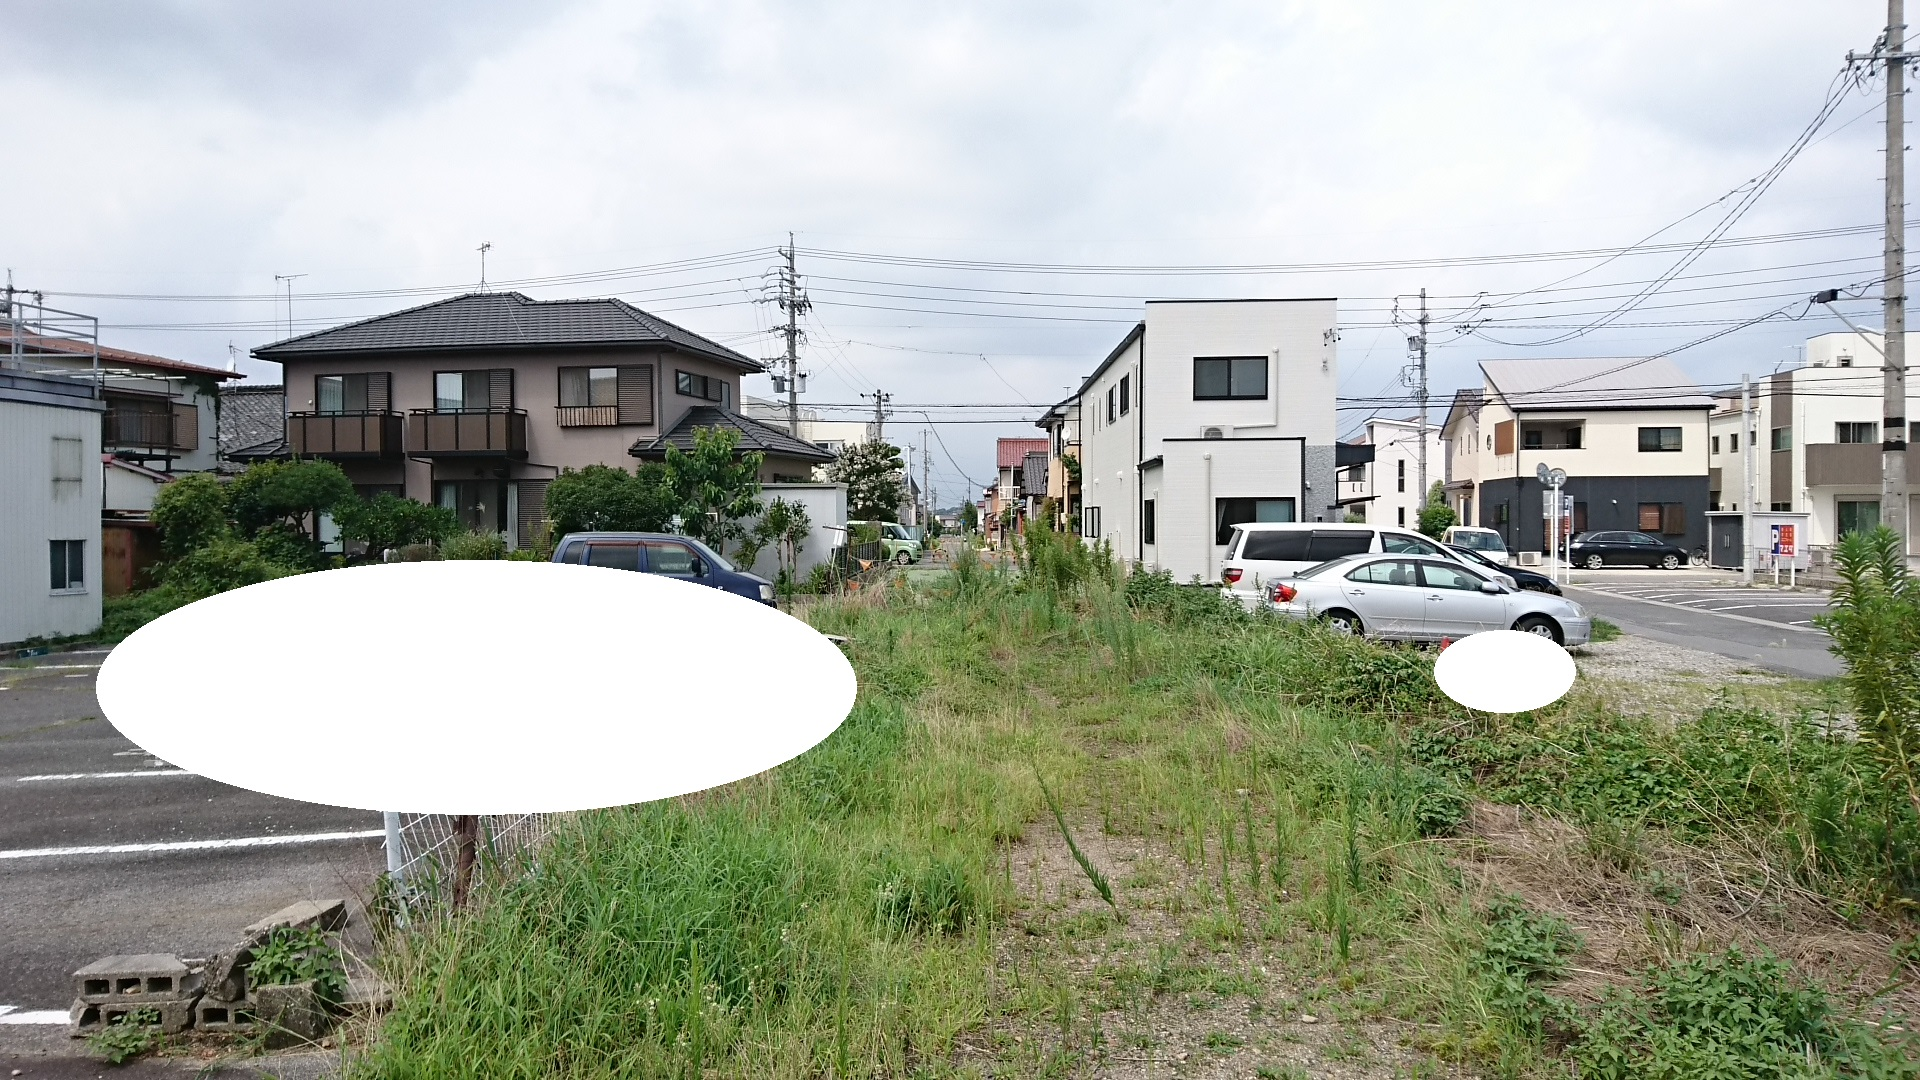 2017.8.11 門立 (25) 大樹寺 -ほそおびの土地(順) 1920-1080